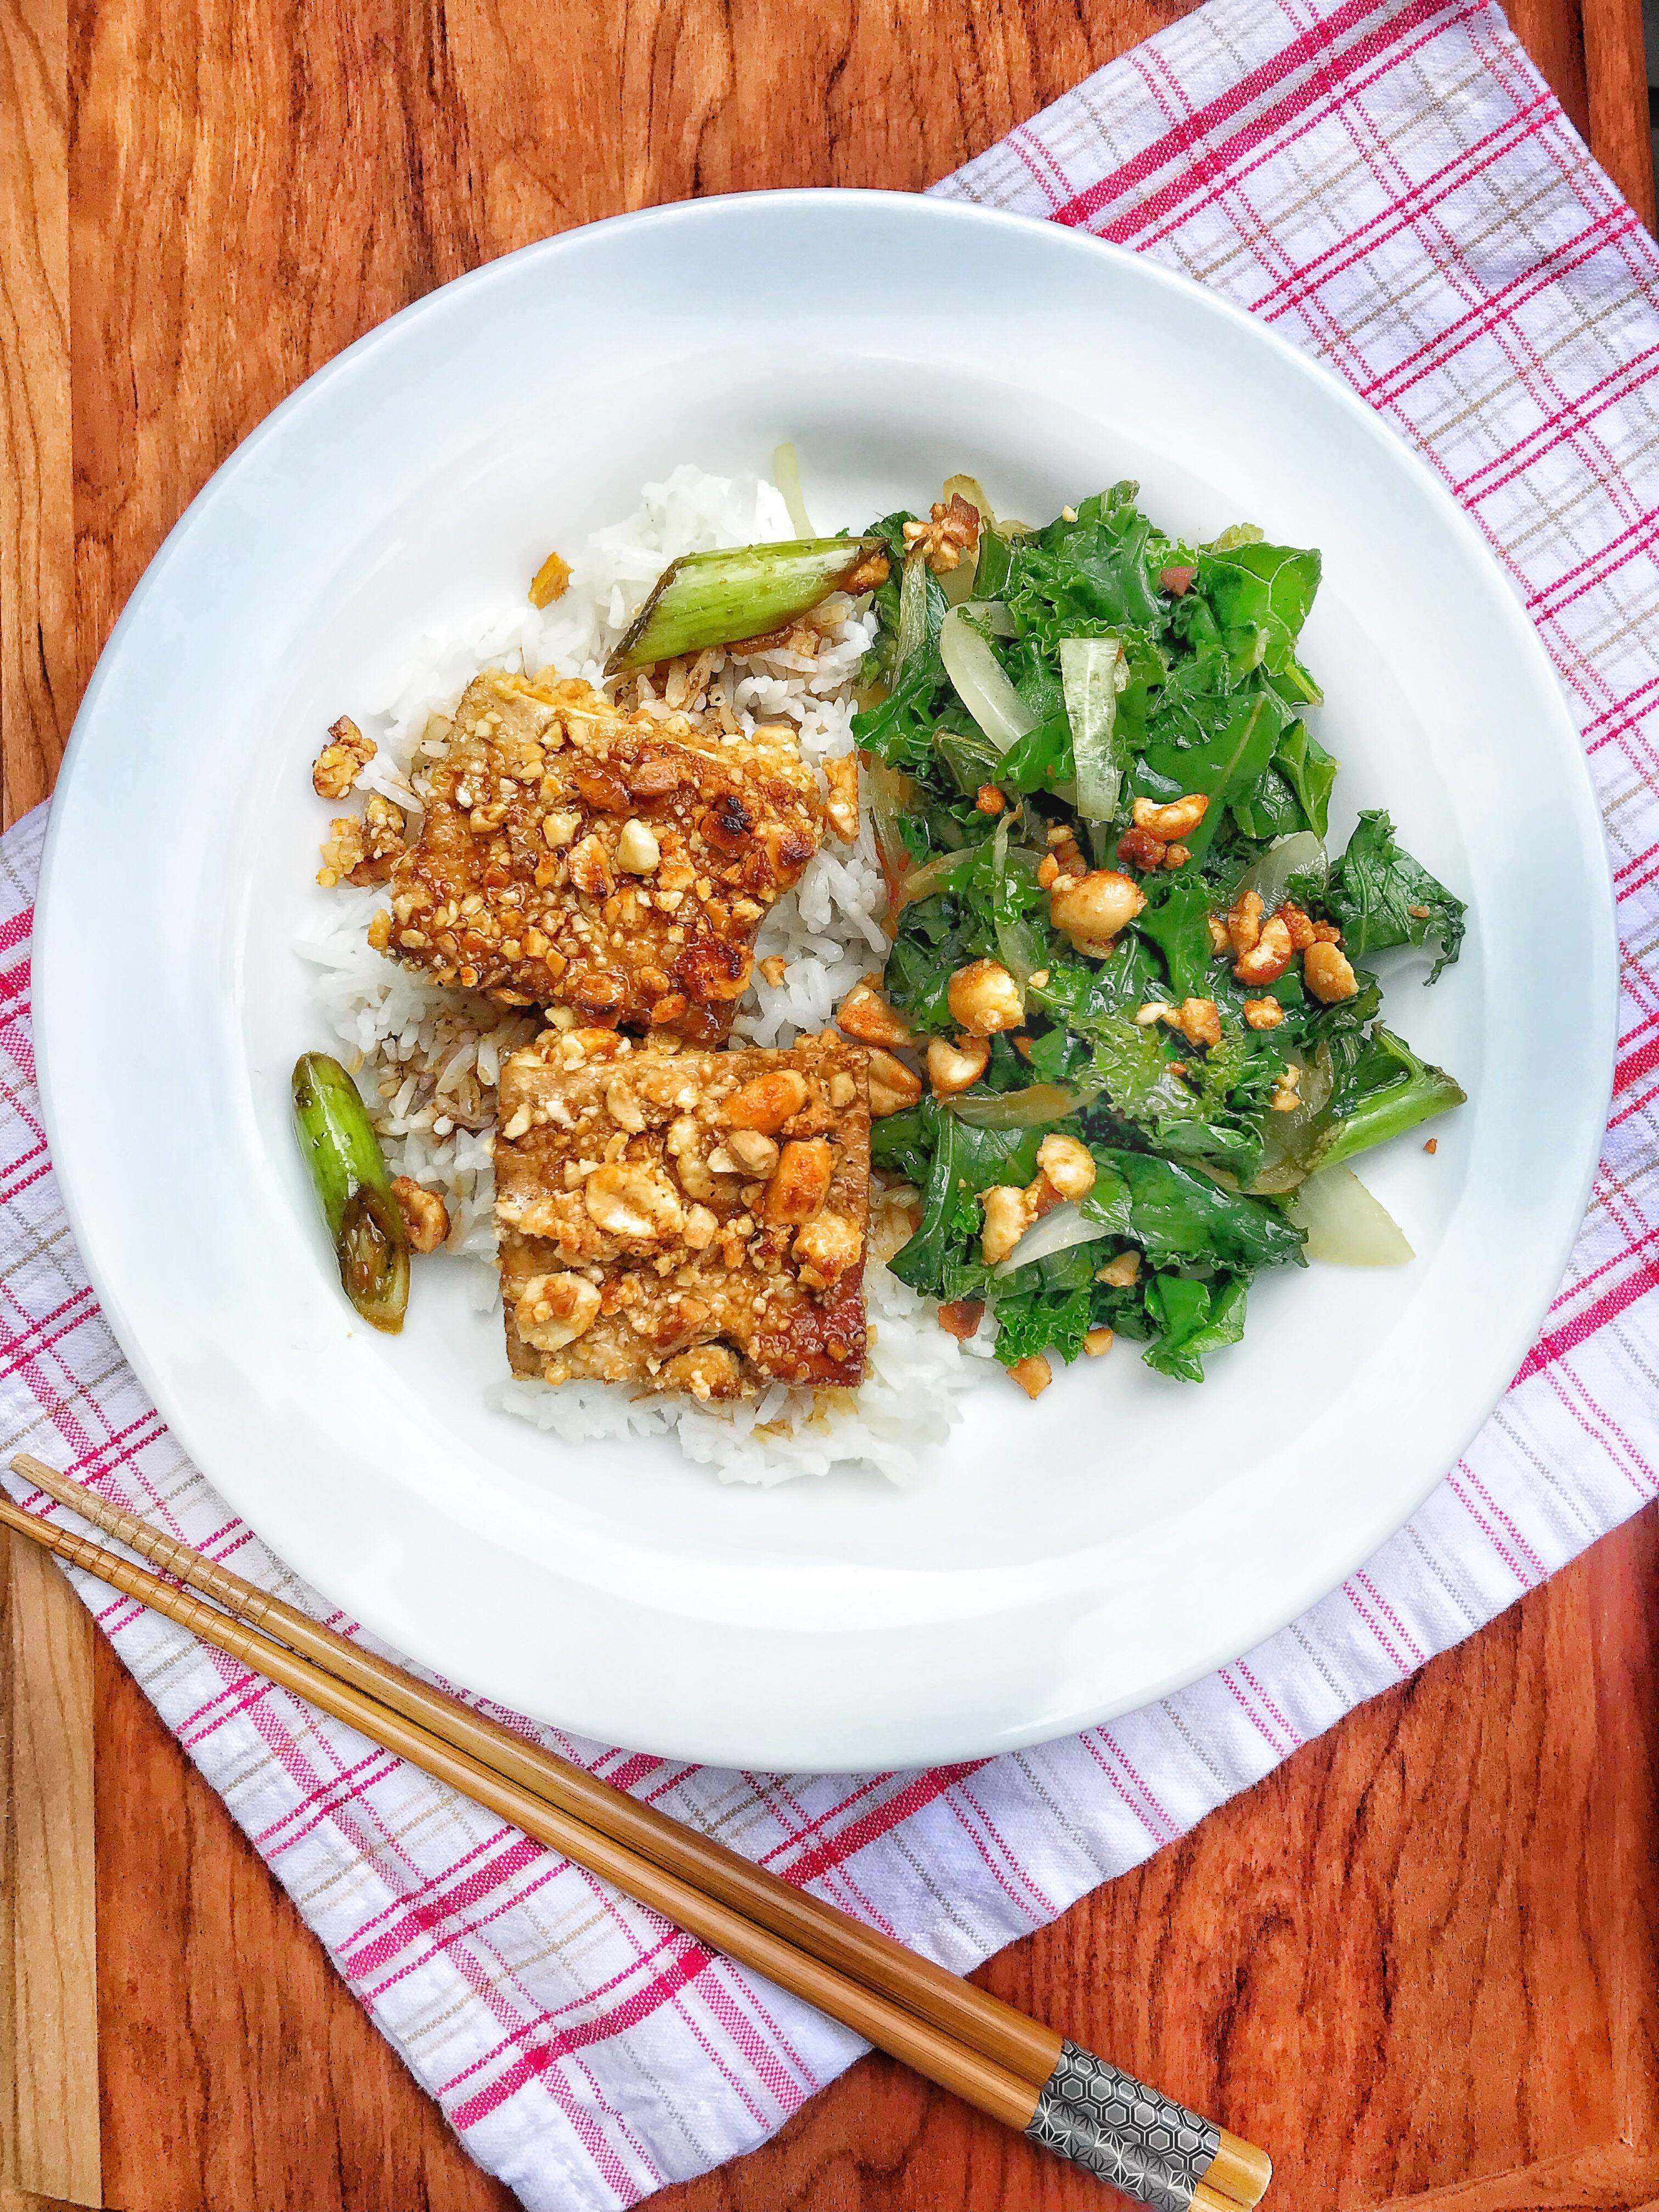 Peanut Crusted Marinated Tofu